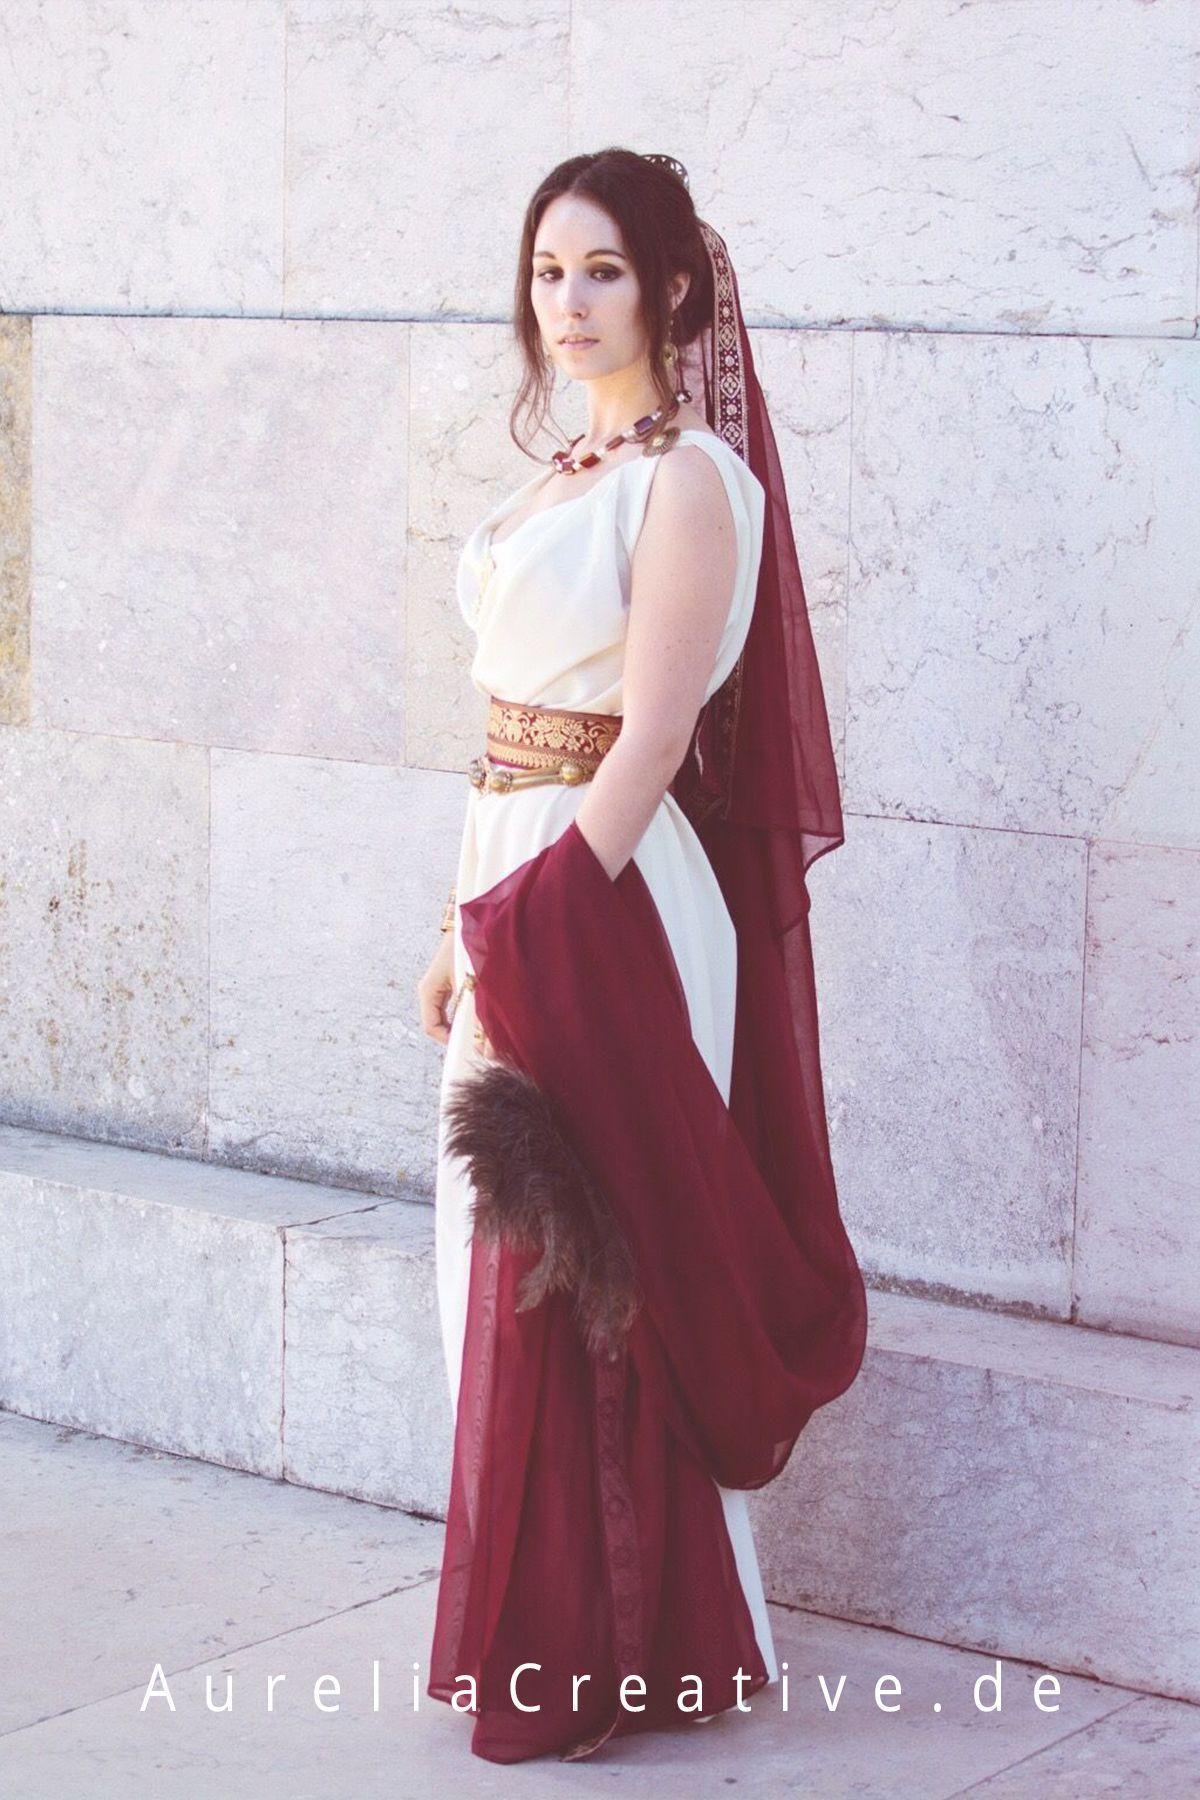 Photo of Mein Larp-Charakter Aurelia – Aurelia Creative